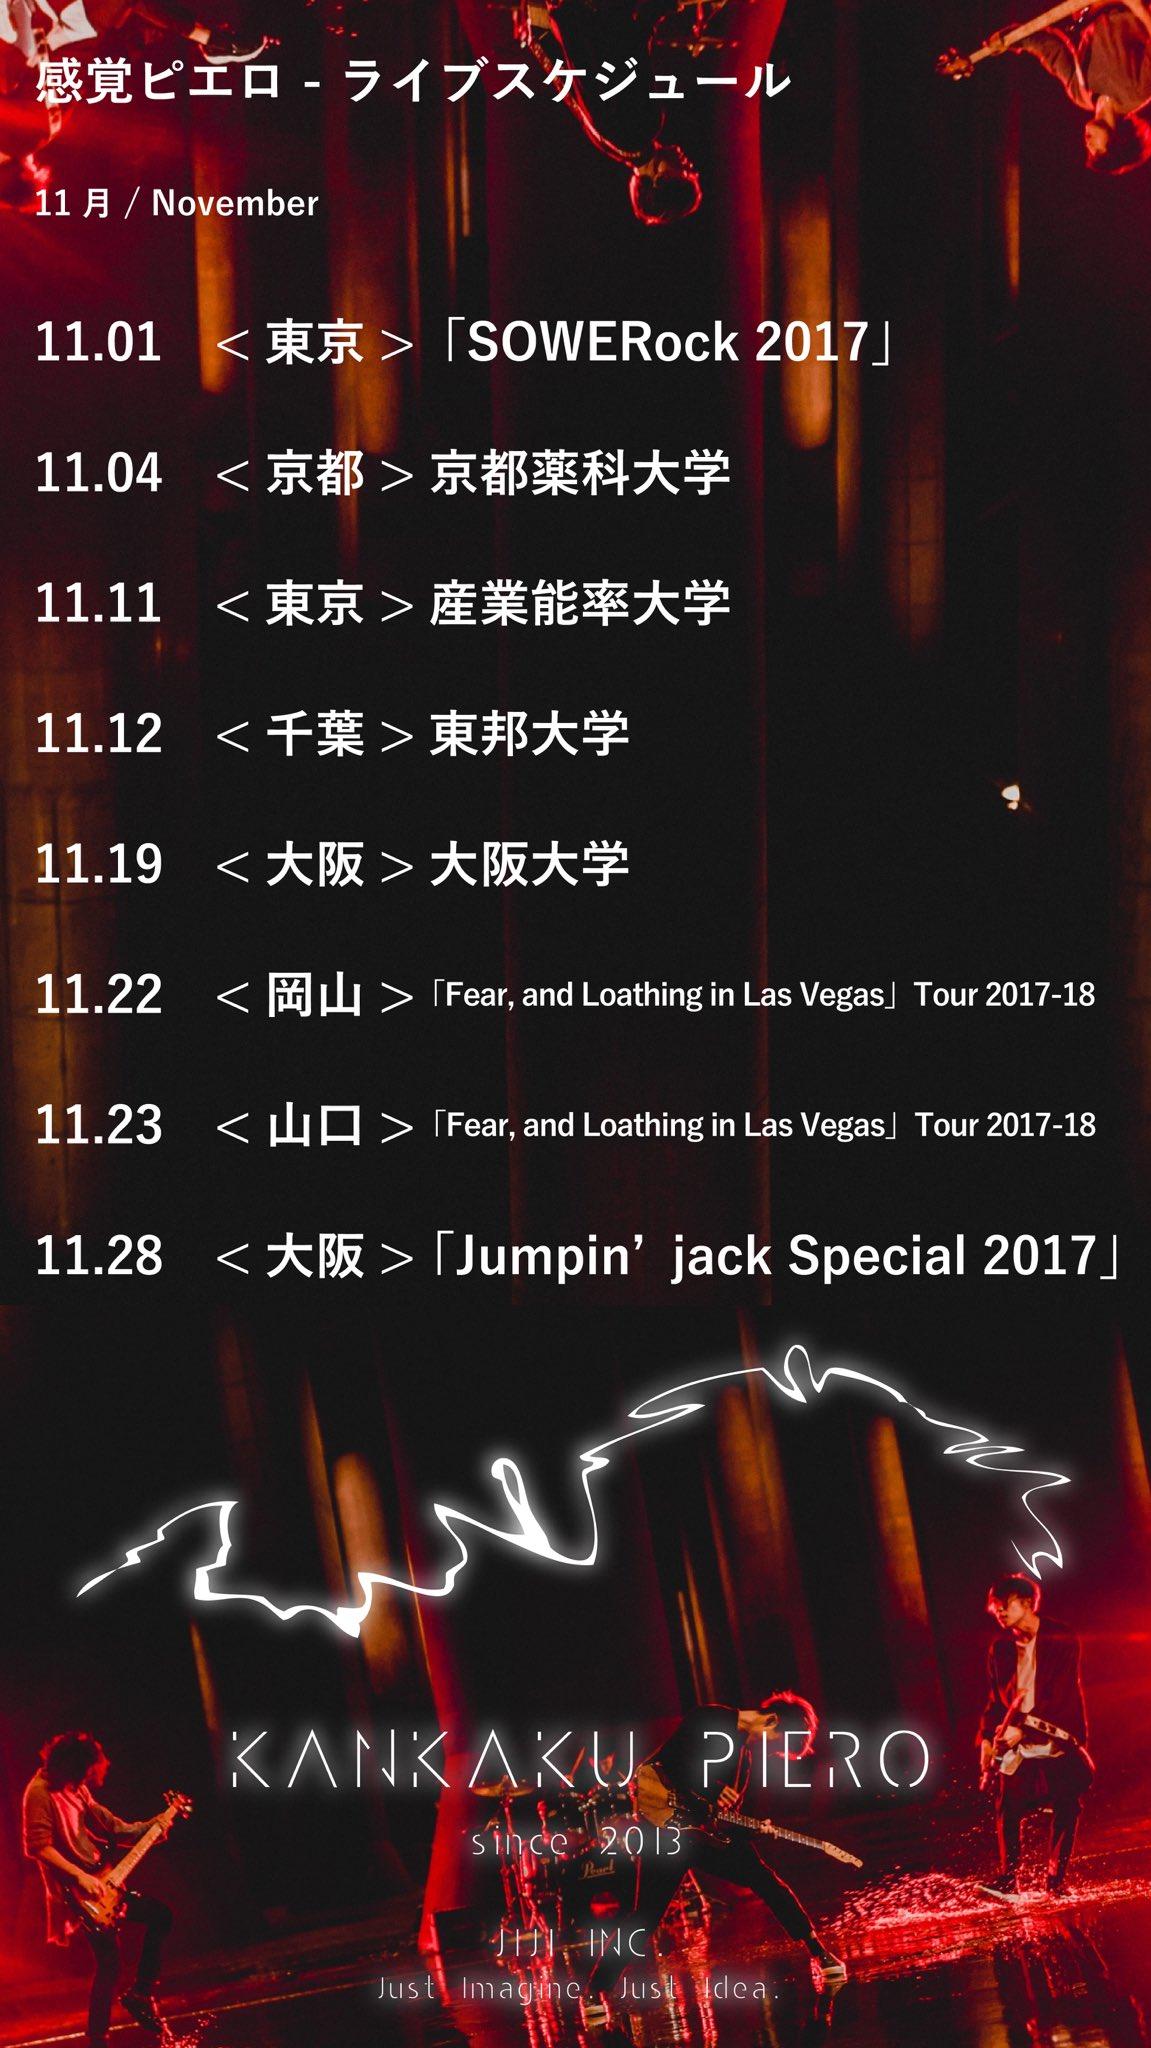 感覚ピエロ 4 1 New Single発売 On Twitter 10月 11月 感覚